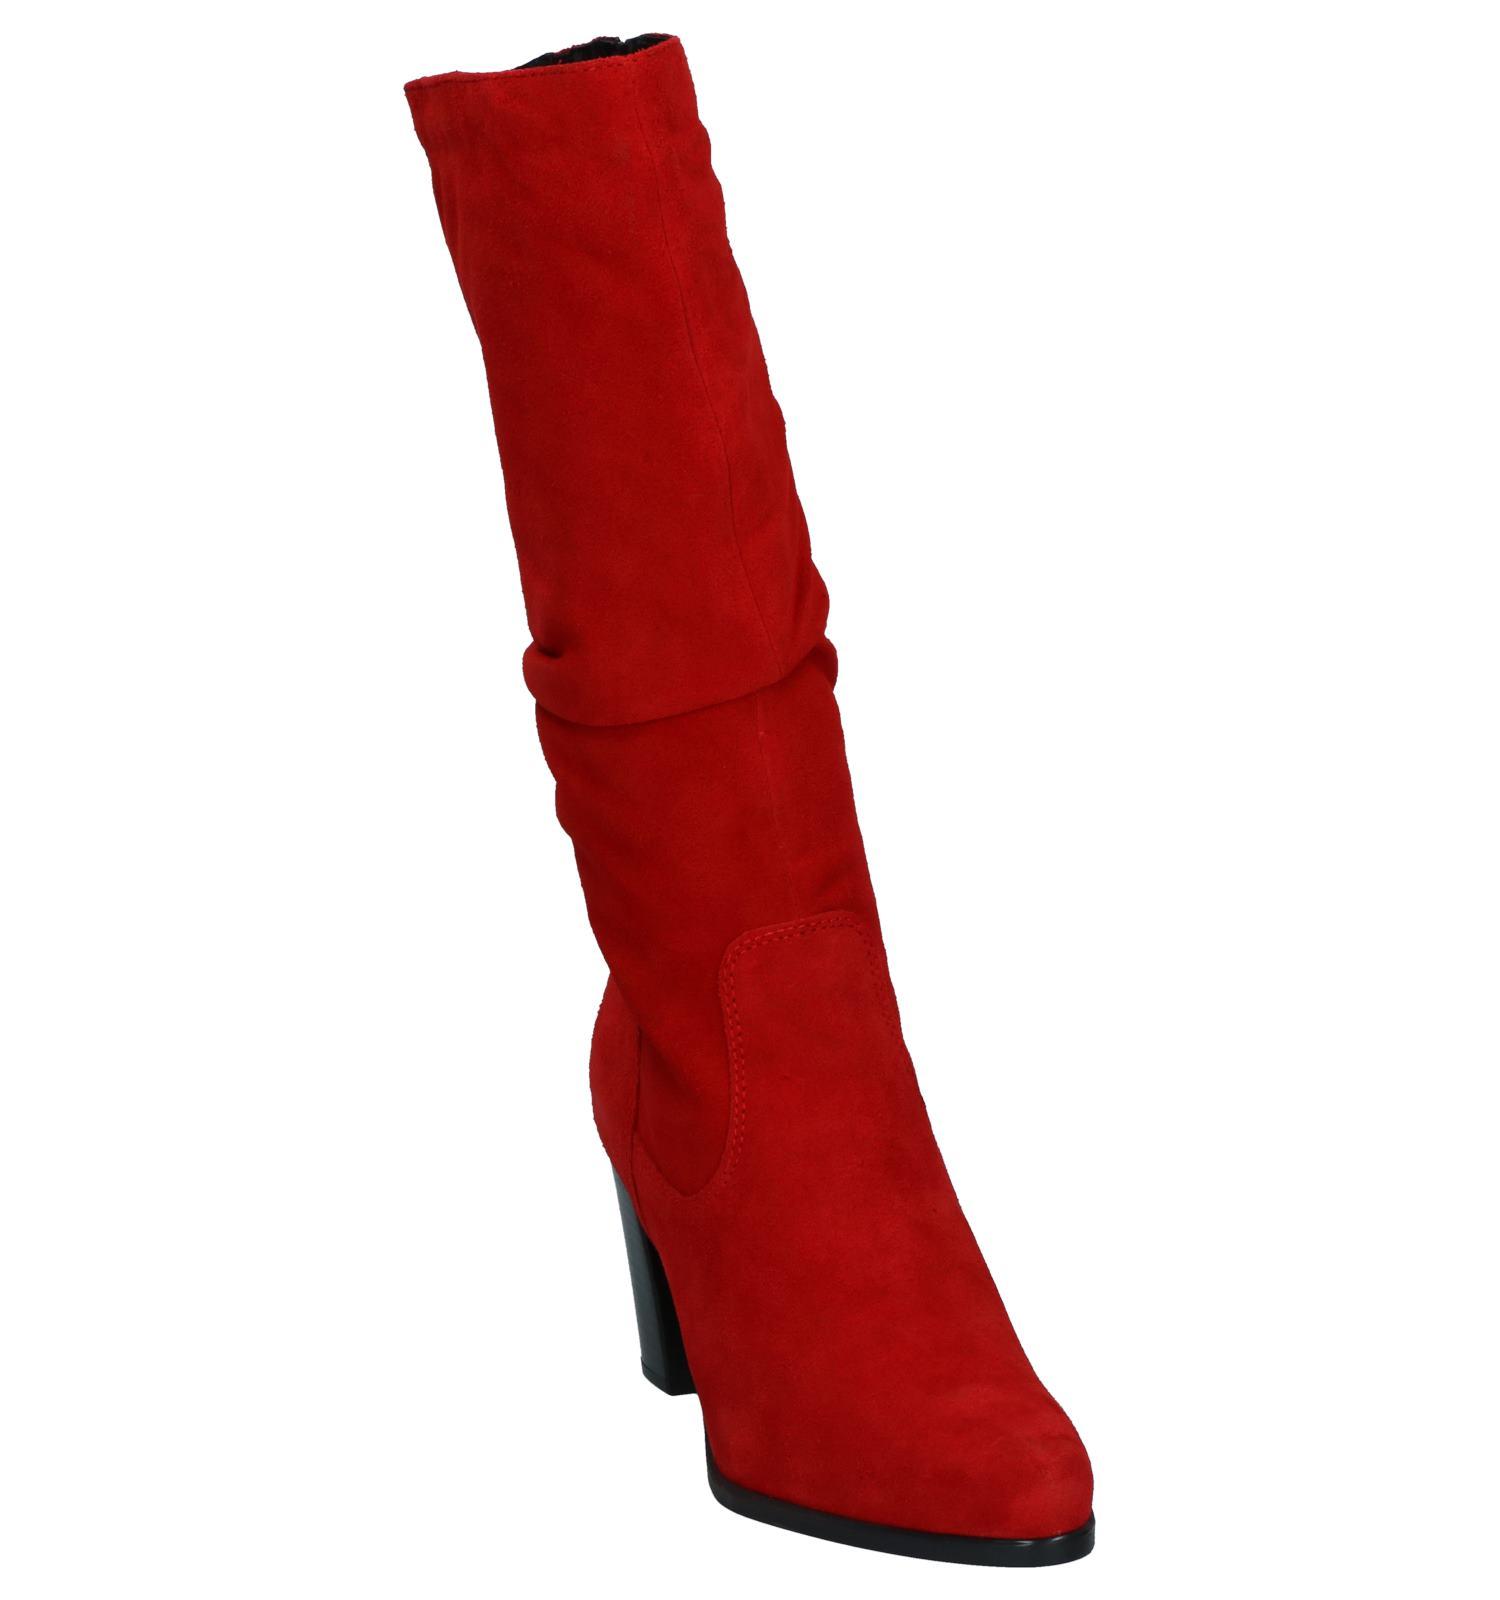 Rode Laarzen voor dames kopen | Gratis verzending* | Zalando